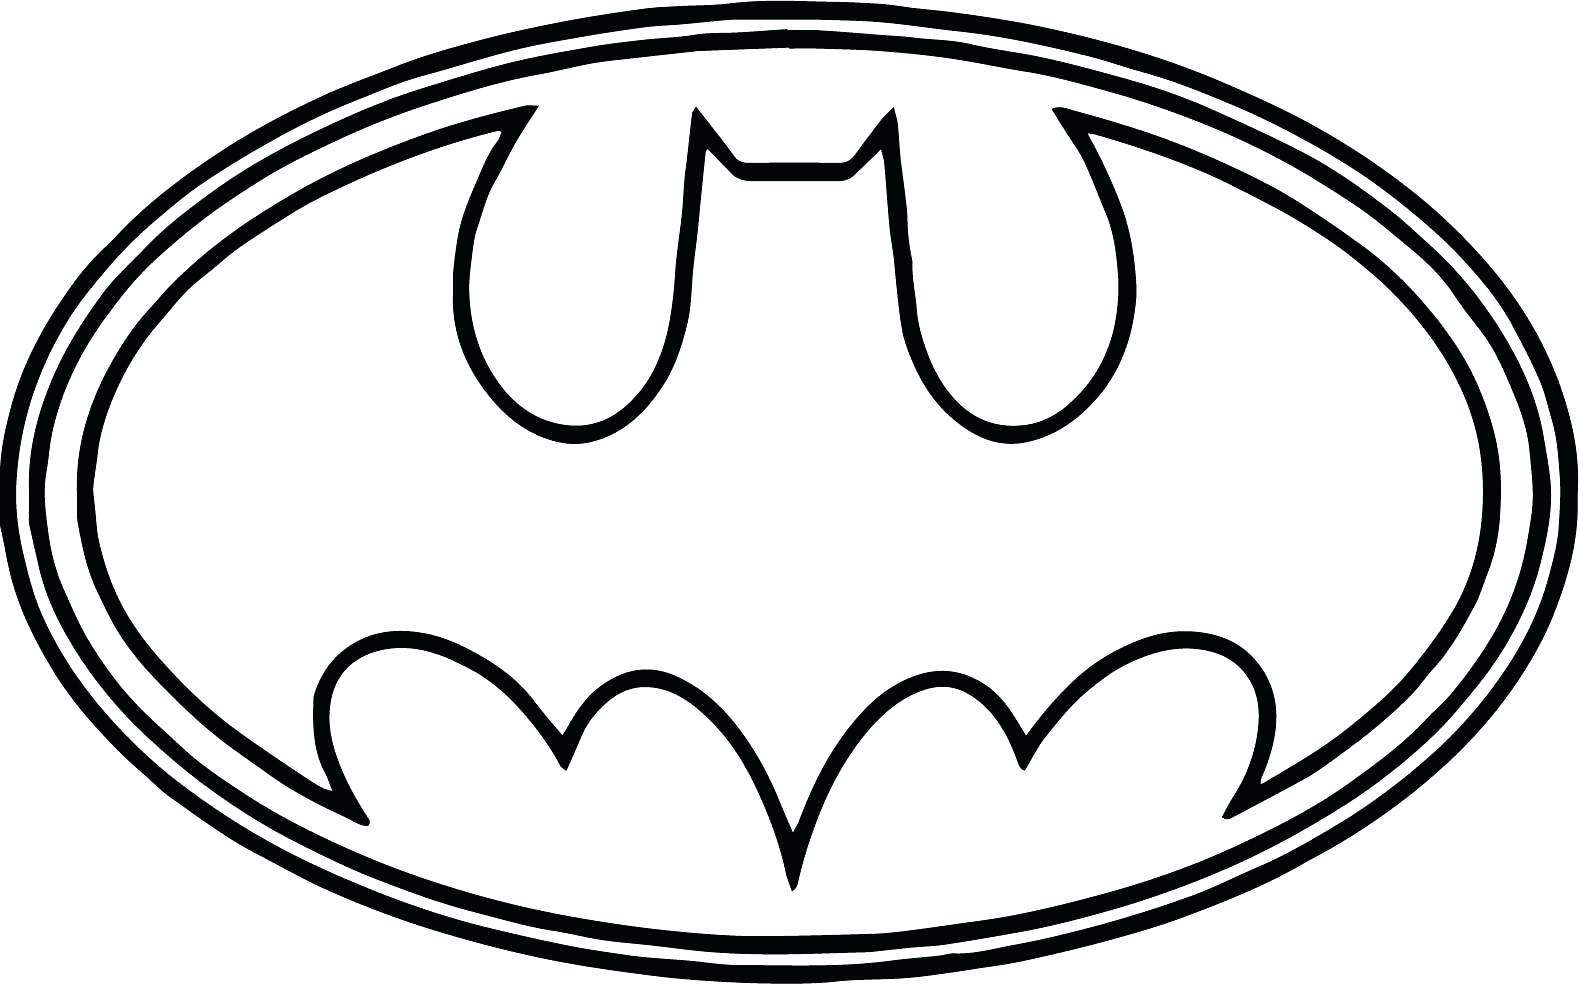 Ziemlich Batman Farbseiten Bilder - Malvorlagen-Ideen ...